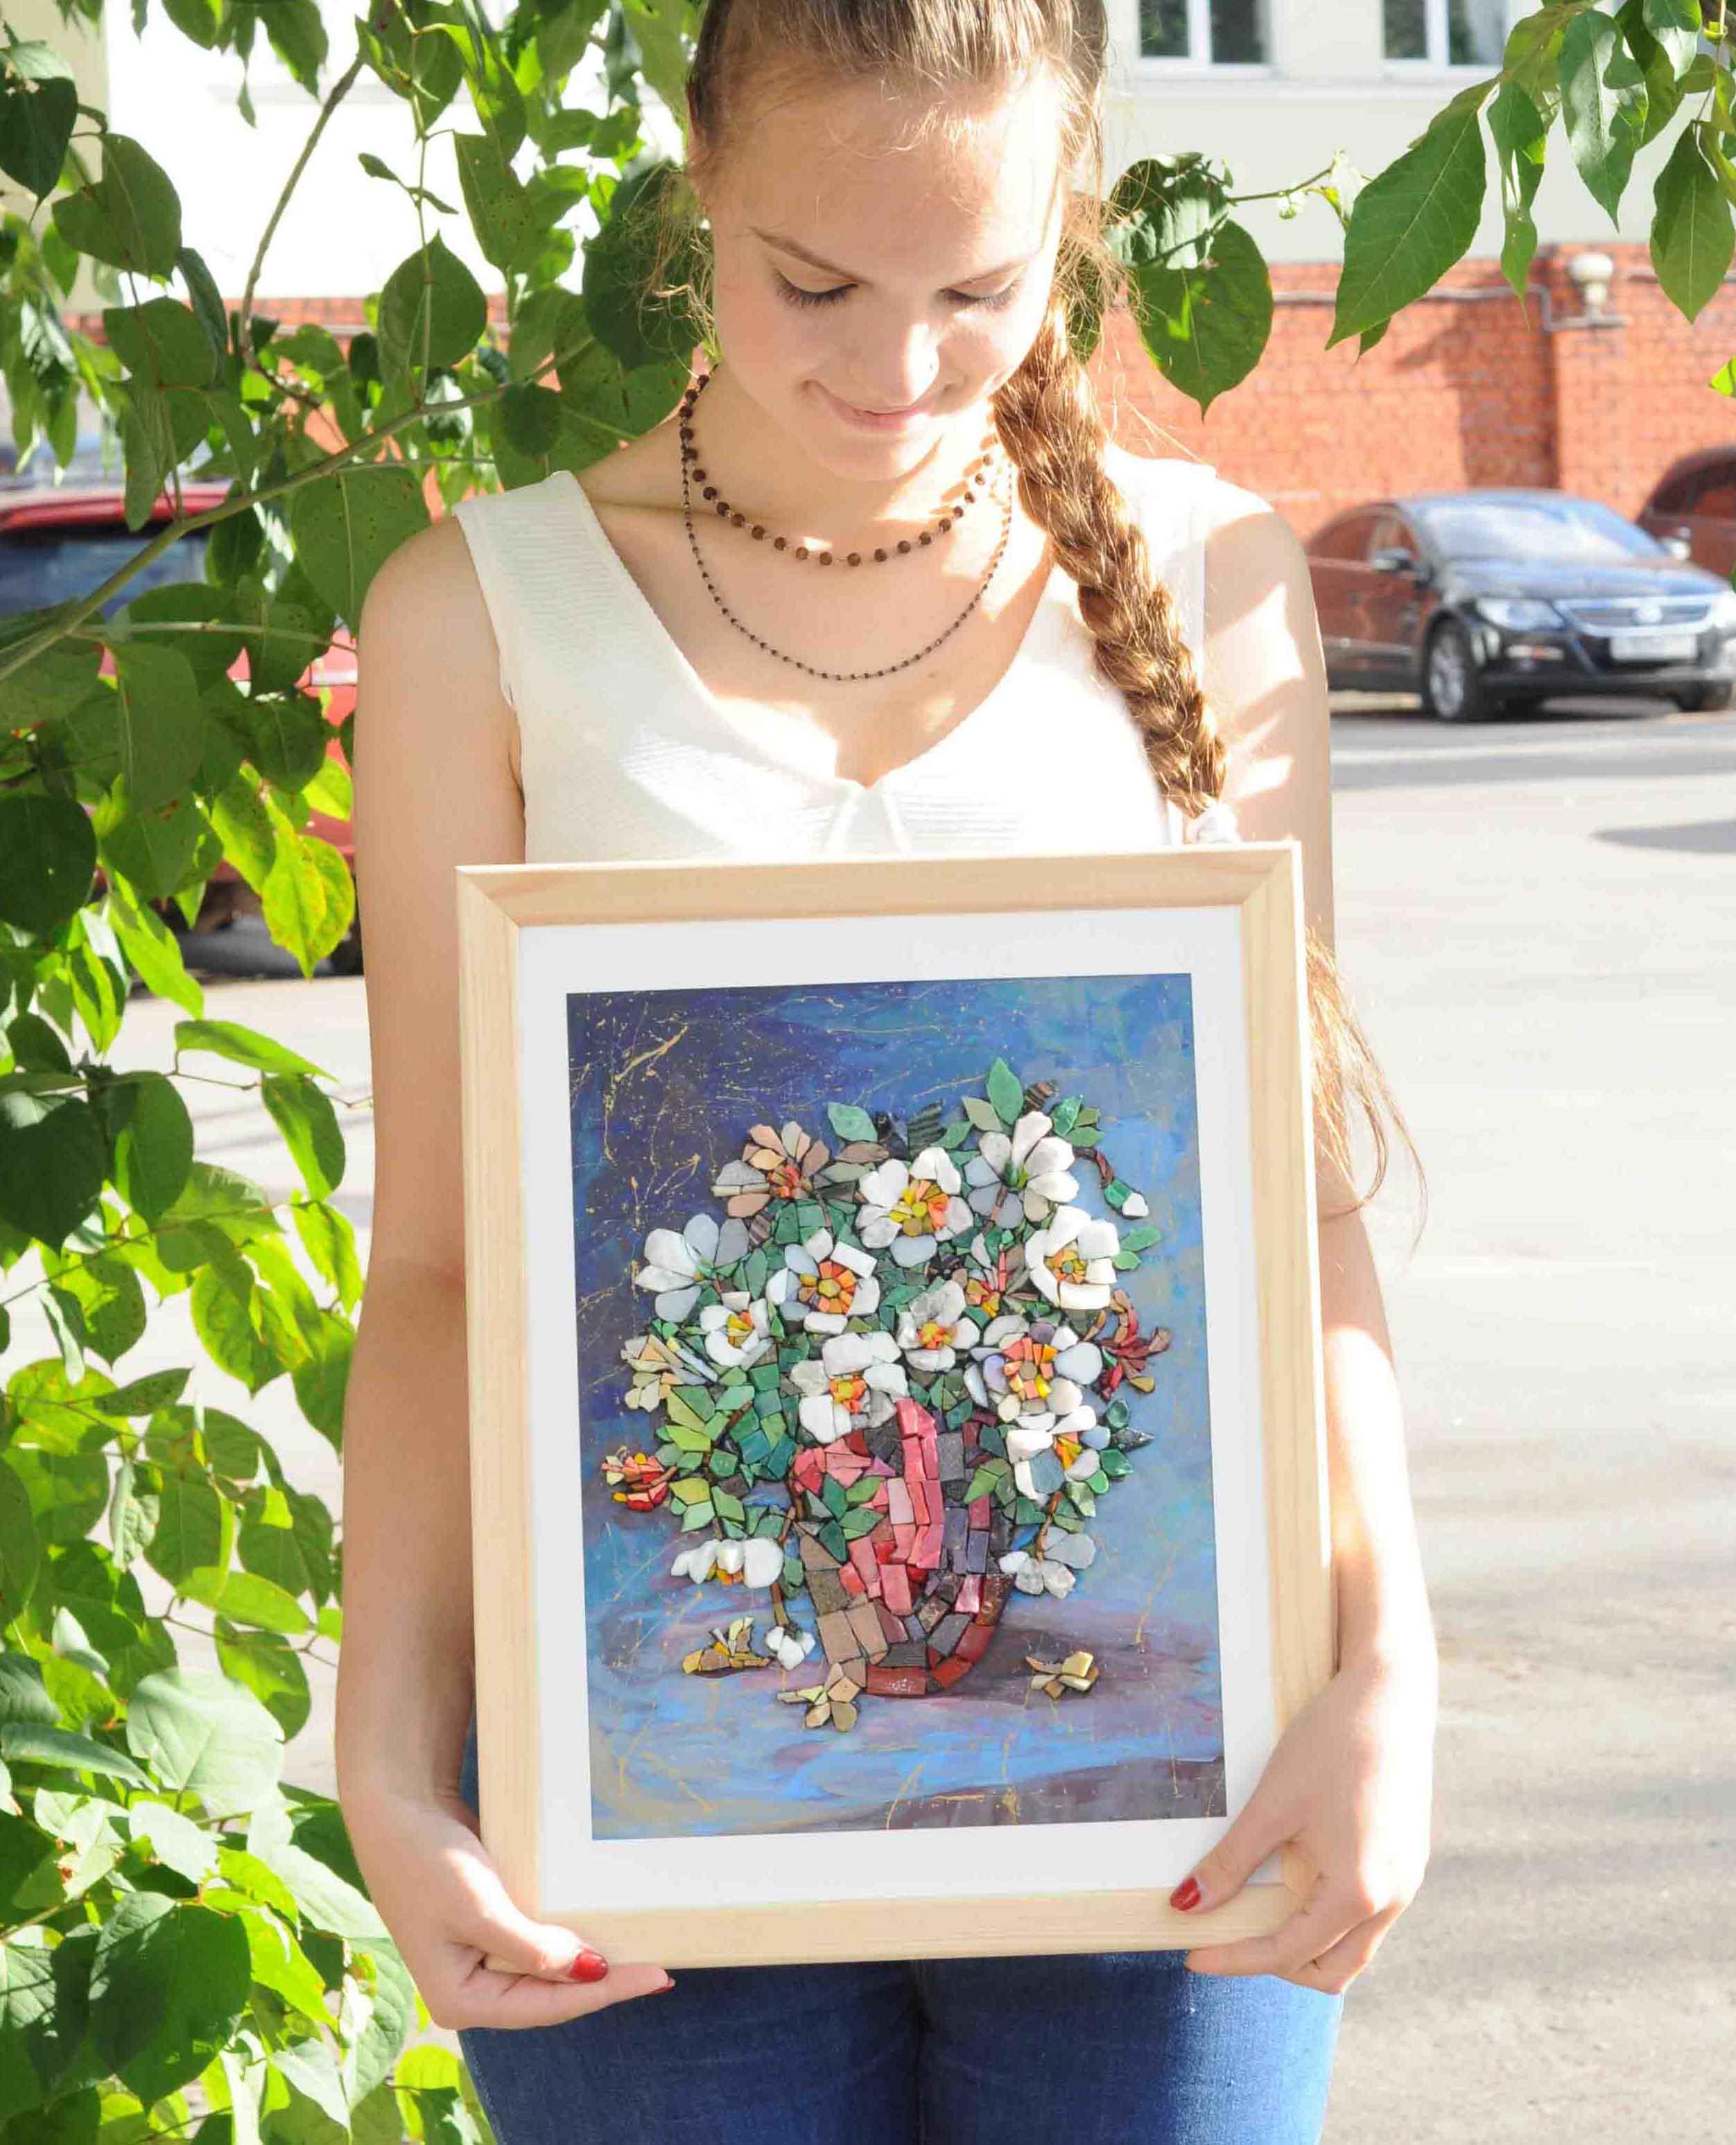 """Наша ученица с восхитительной картиной, на которой изображён цветочный натюрморт - ваза с цветами, сделанной из мозаики, после нашего курса """"Объёмная мозаика""""."""